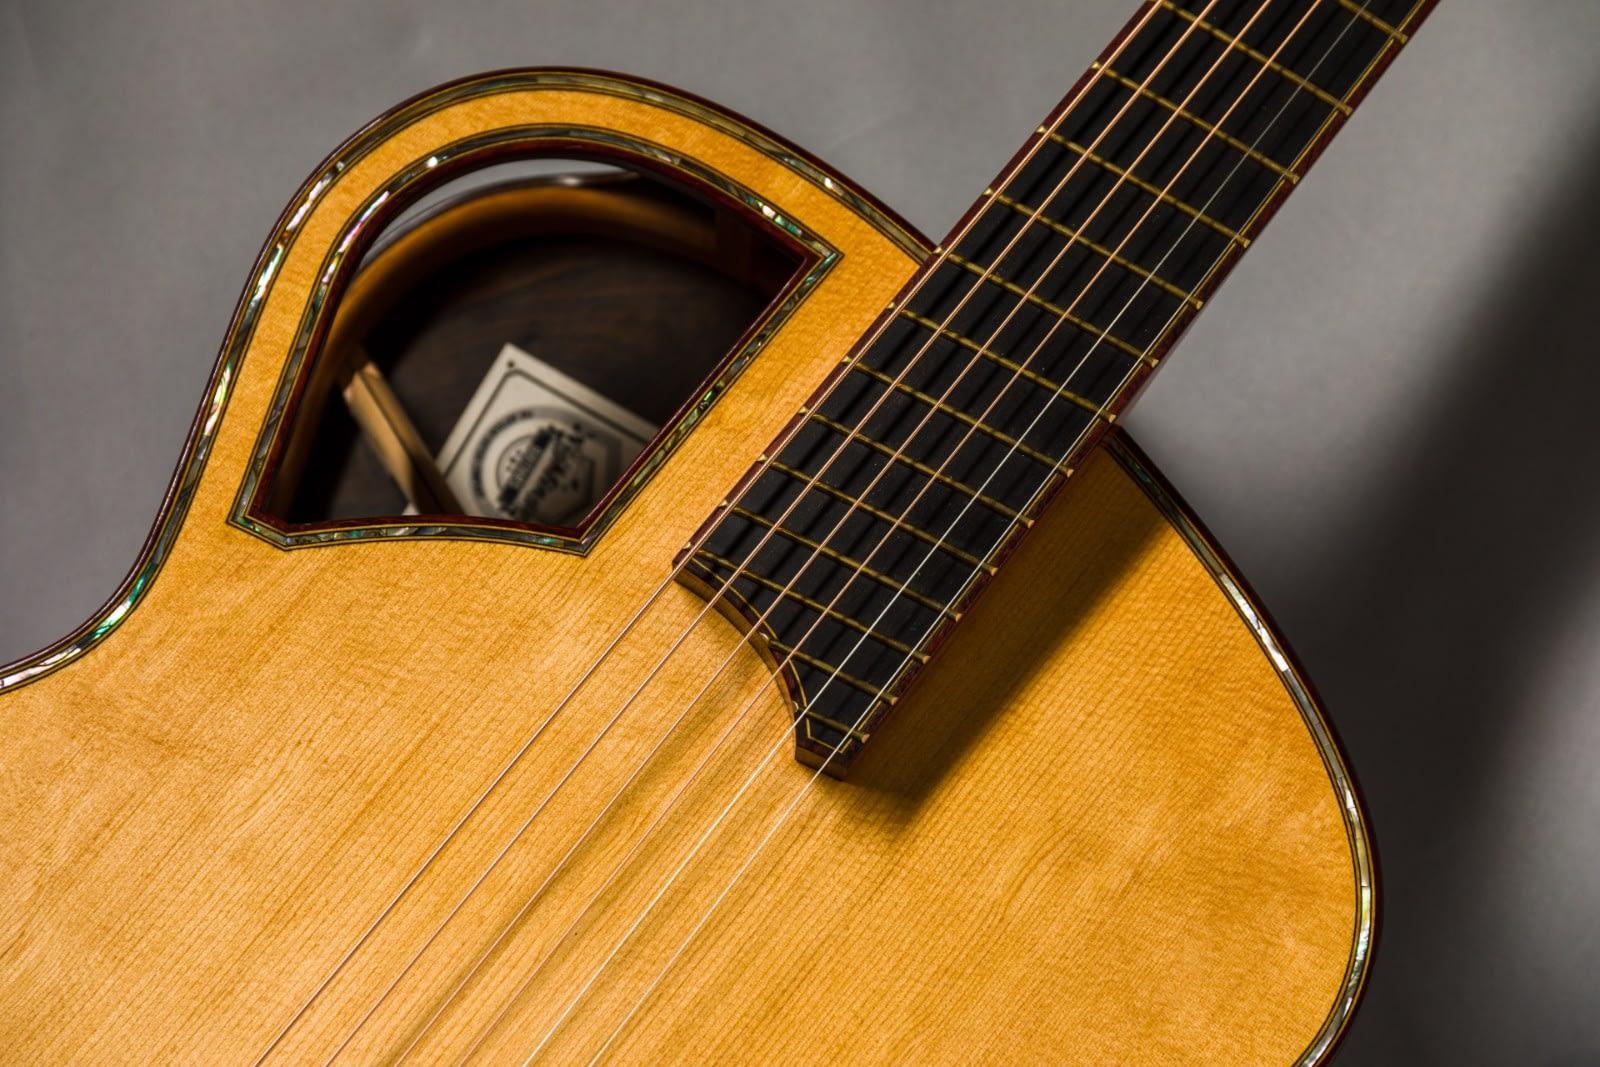 Insight handmade steelstring guitar aaa bearclaw sitka spruce top padauk binding fan fanned fret frets ziricote back and sides